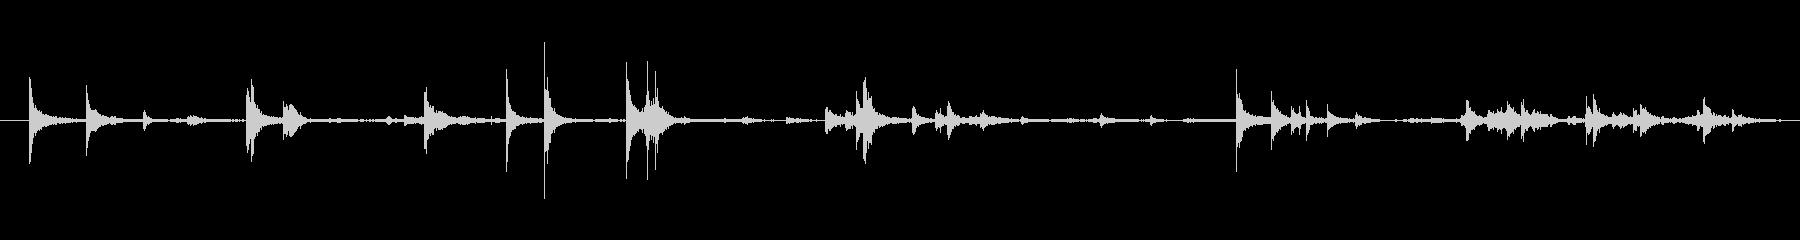 メタル ジングル01を処理するプレートの未再生の波形